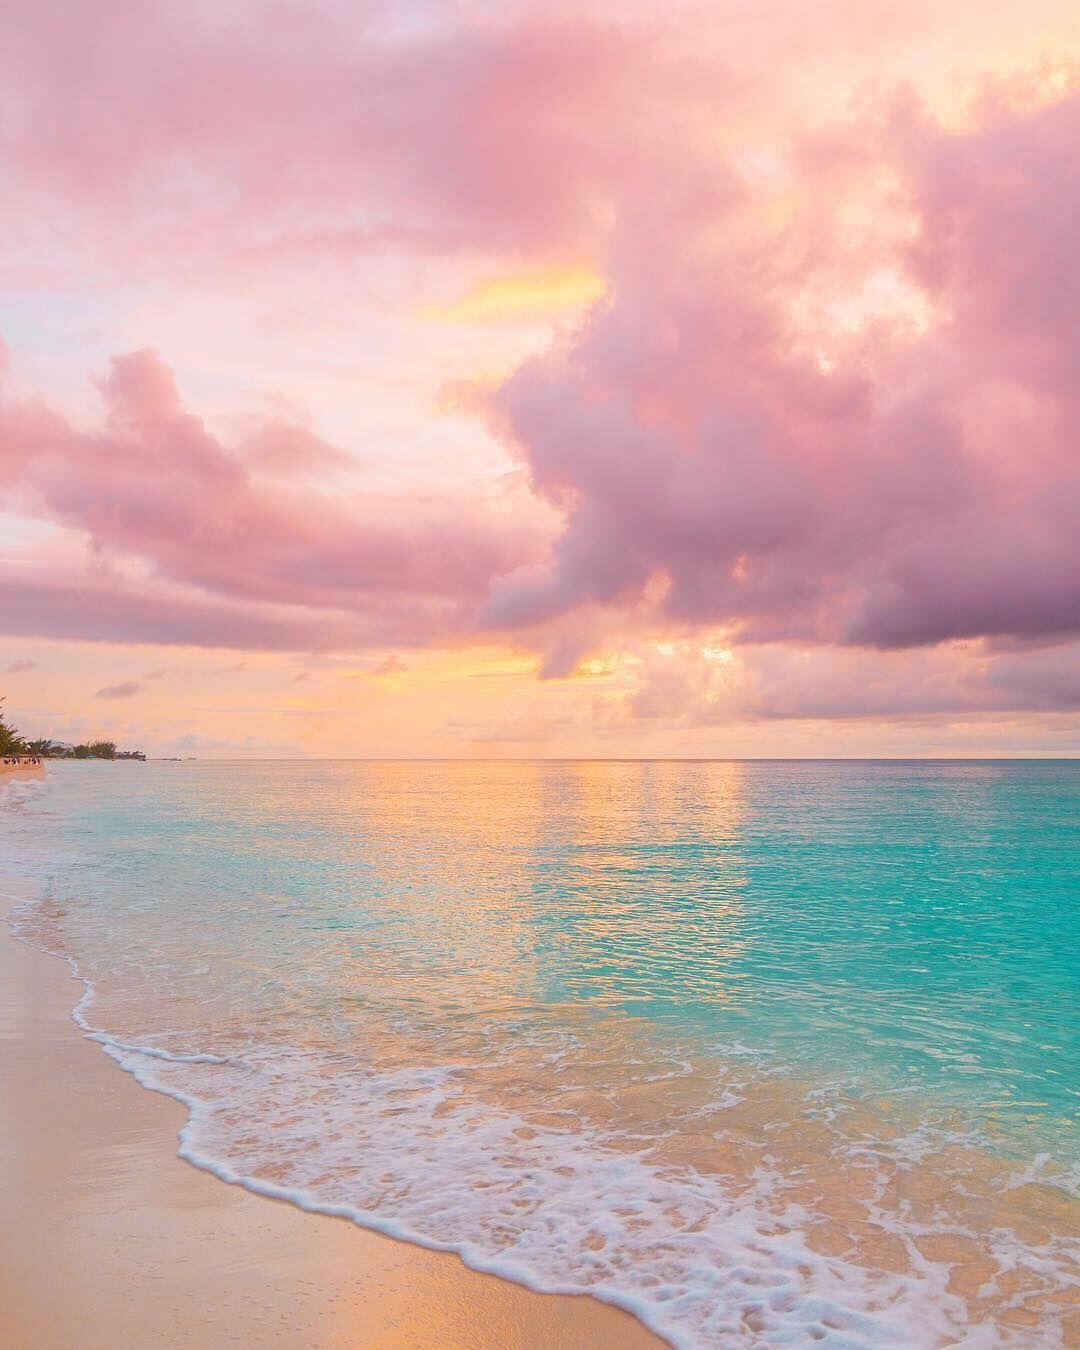 海 夕日 切ない オシャレ 雲 淡い グラデーションカラー 甘い